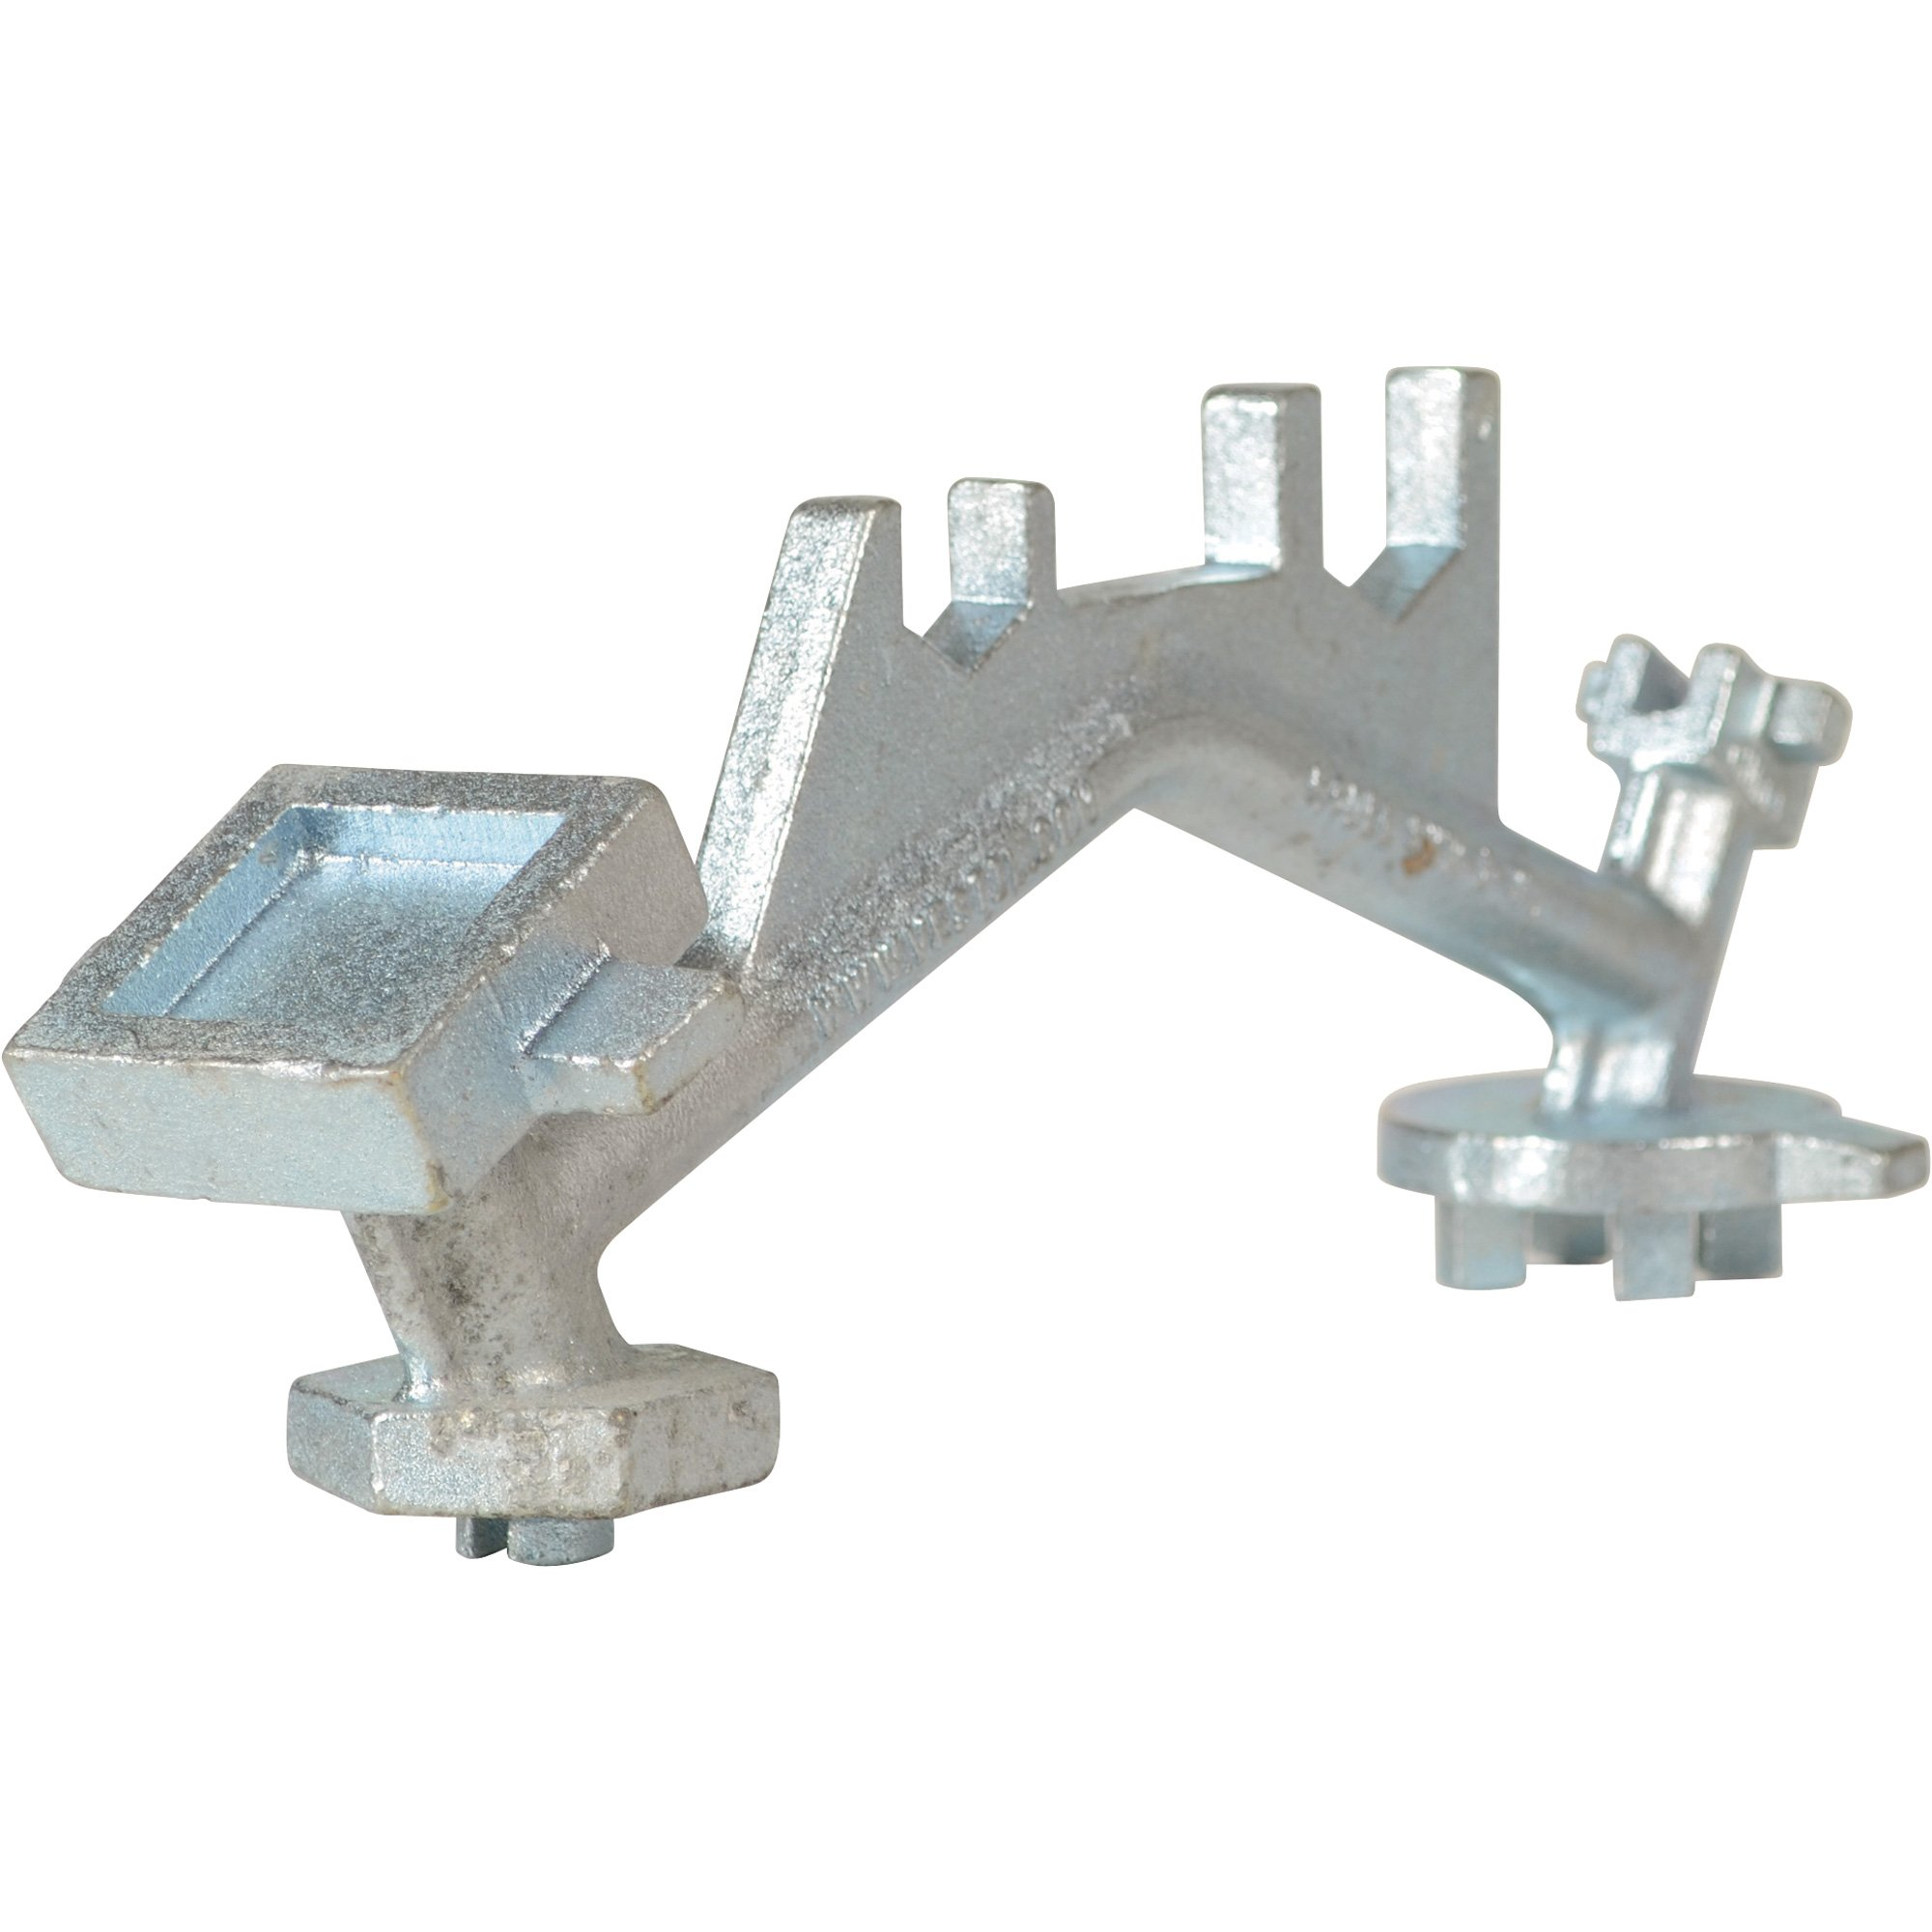 Vestil Drum Bung Nut Wrench - Zinc Cast Steel, 12in.L, Single Ended, Model# BNW-I-W